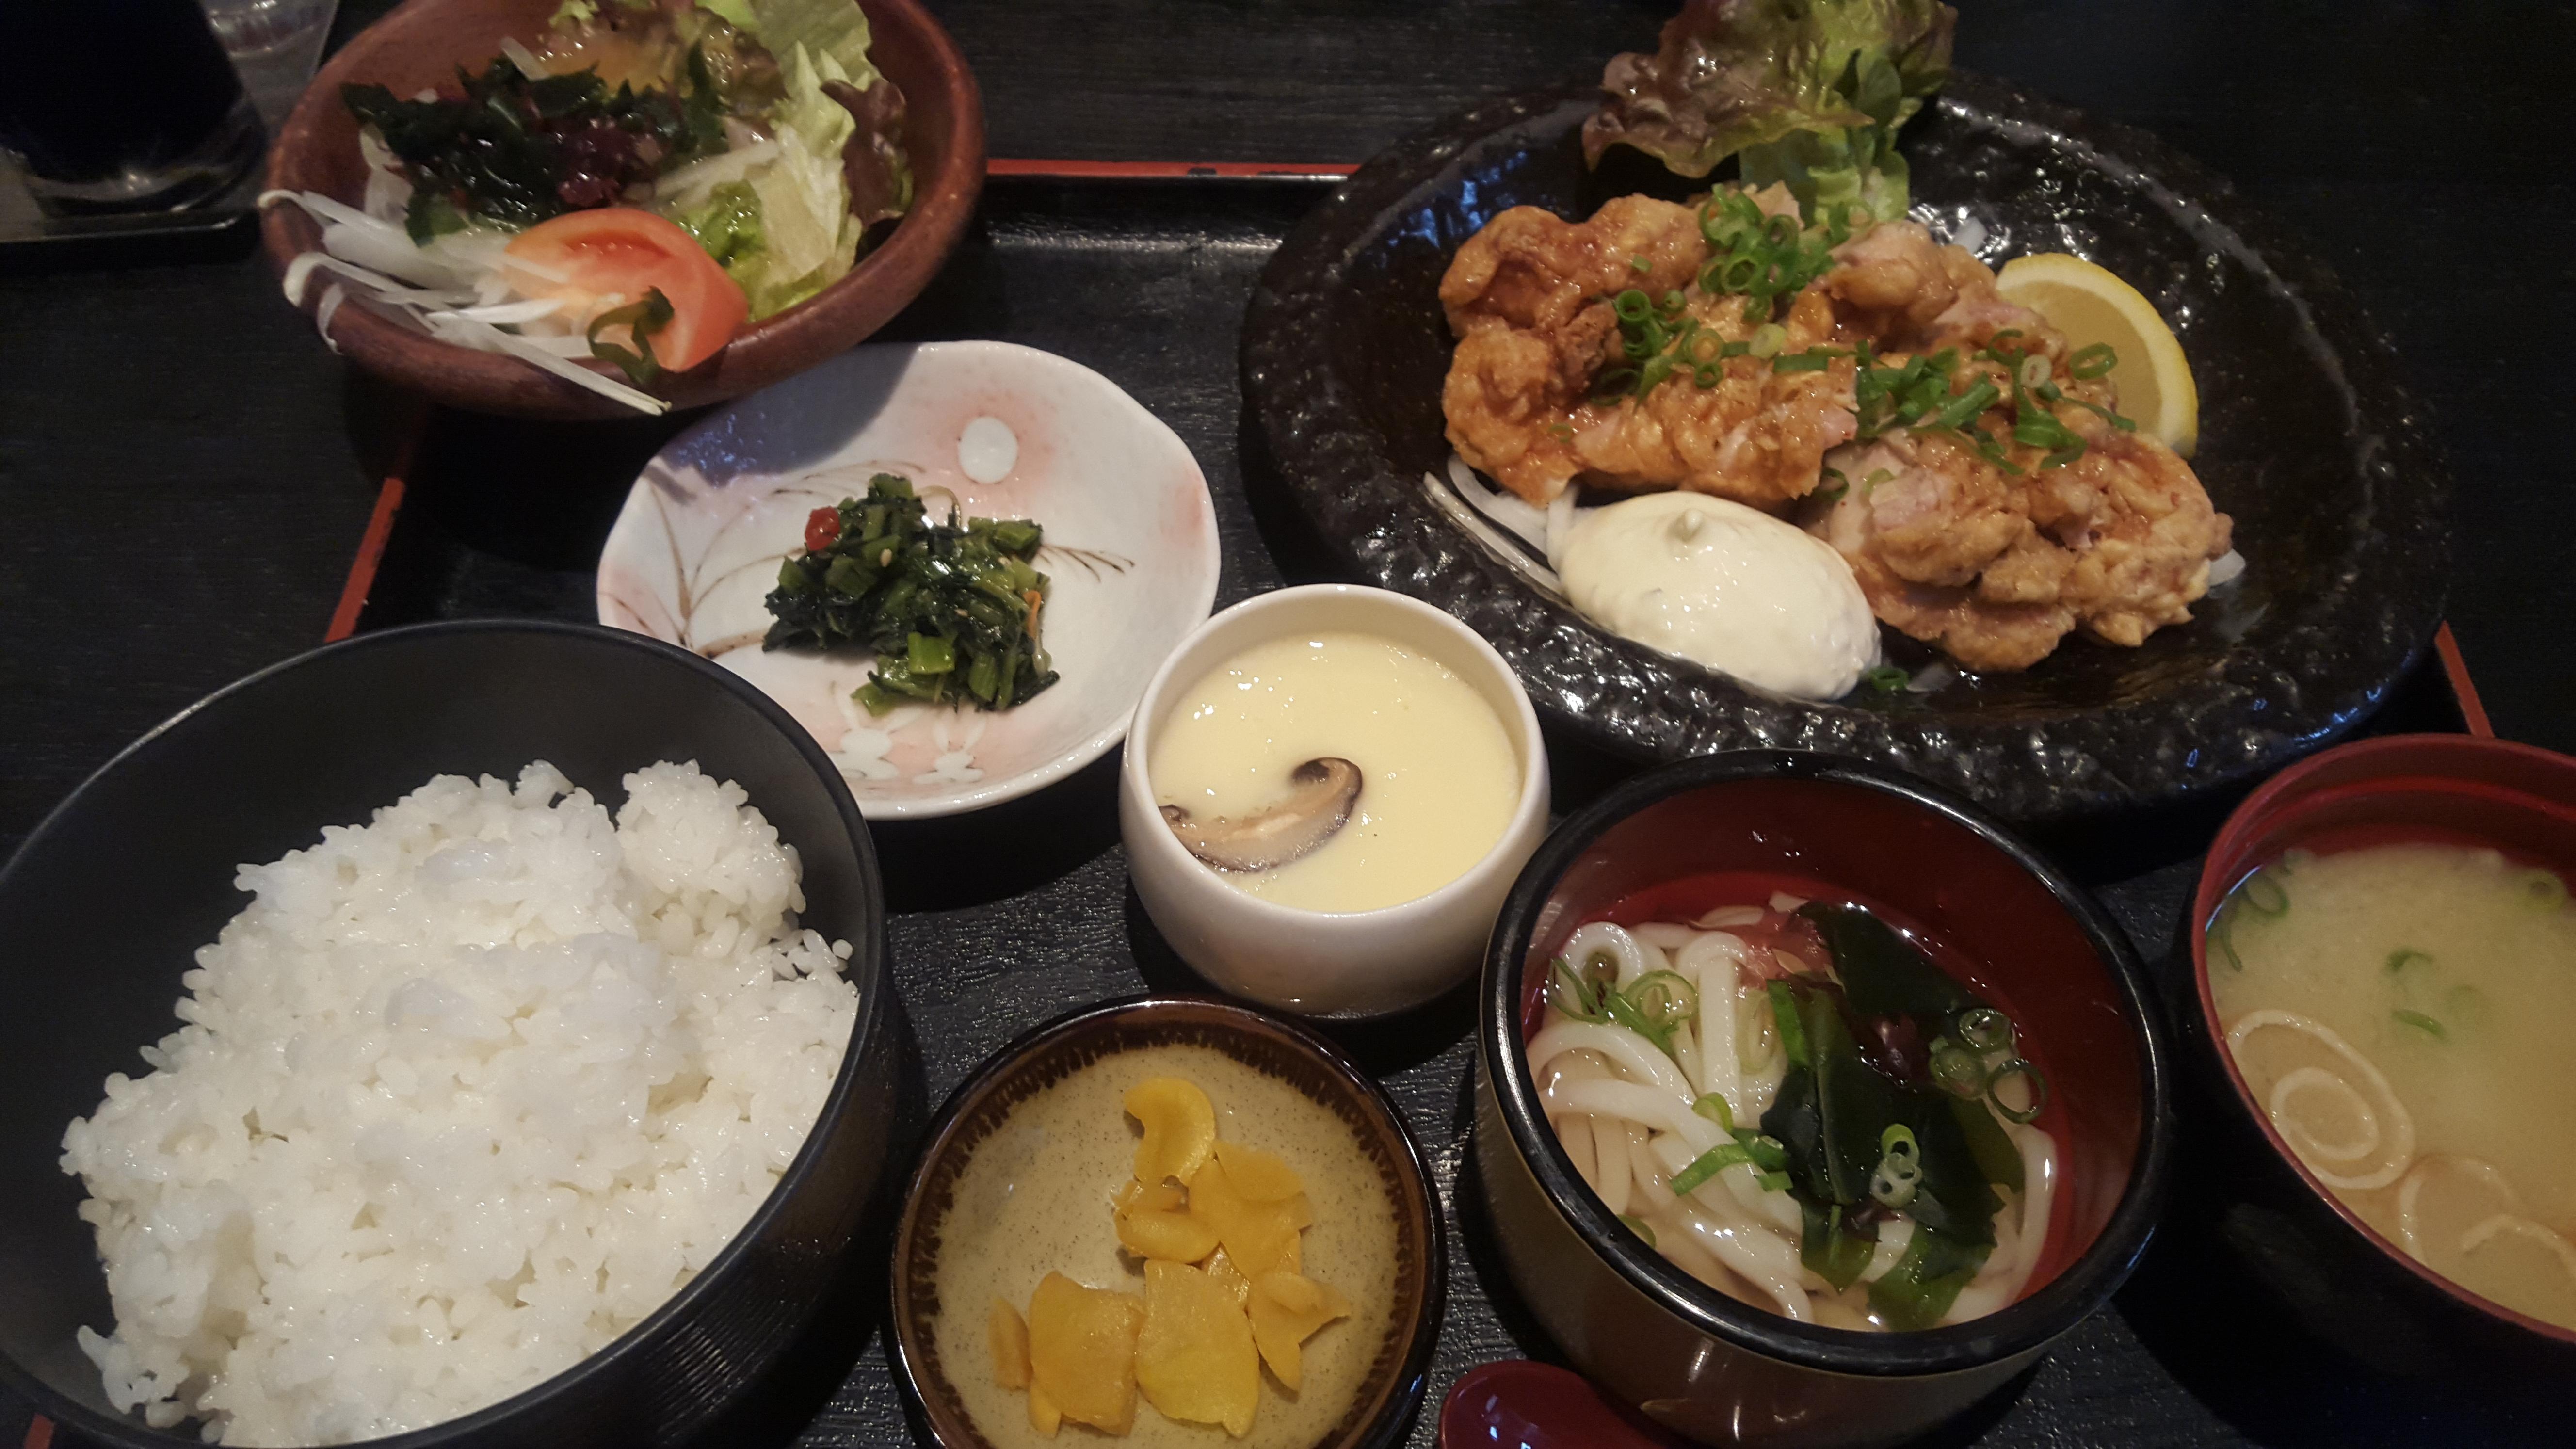 【松橋 居酒屋 佳楽】メニュー!30年以上愛され続けているお店